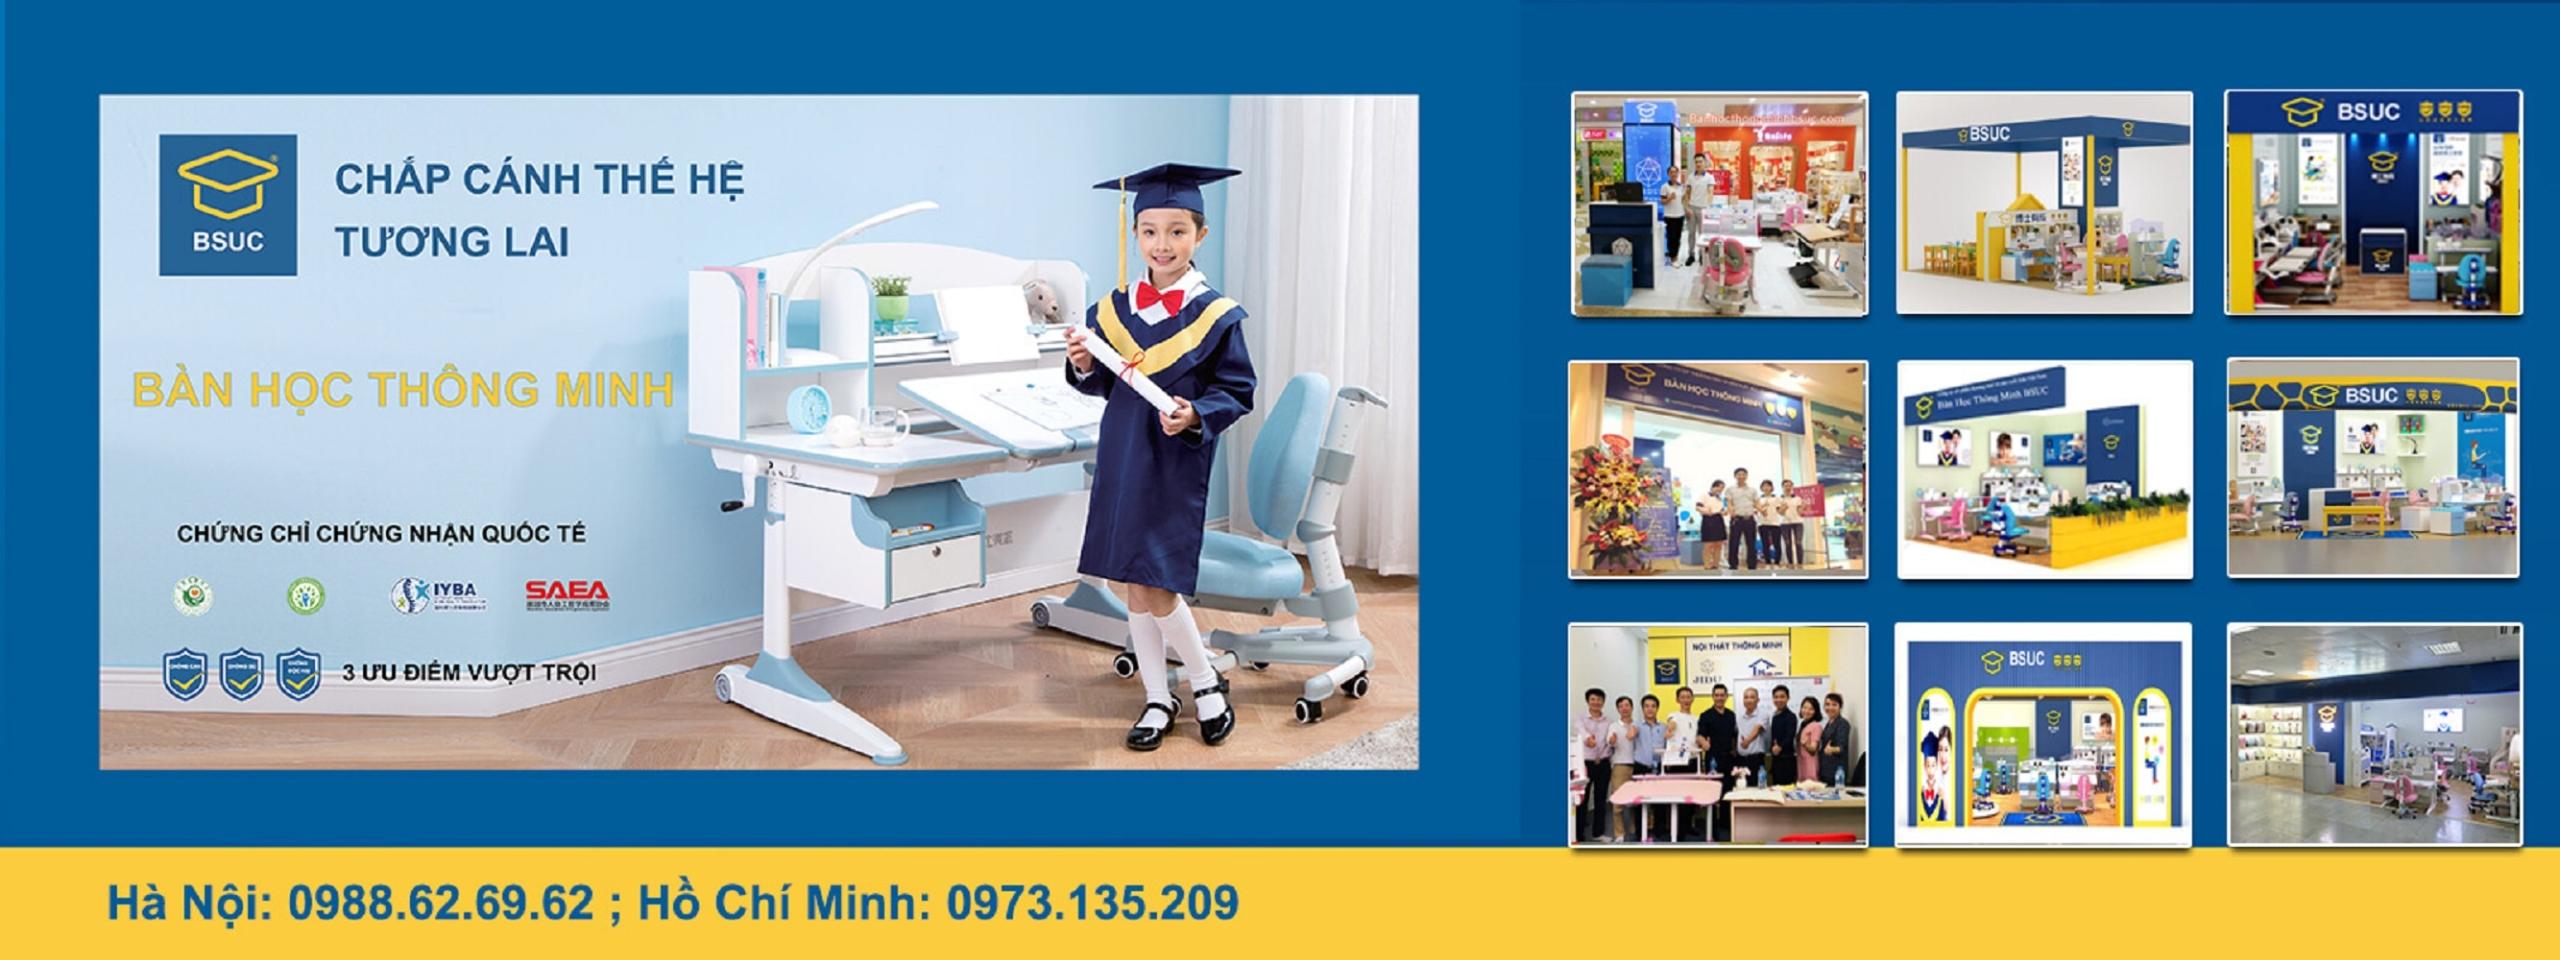 Bàn Học Thông Minh Bsuc (@banhocthongminhbsuc) Cover Image